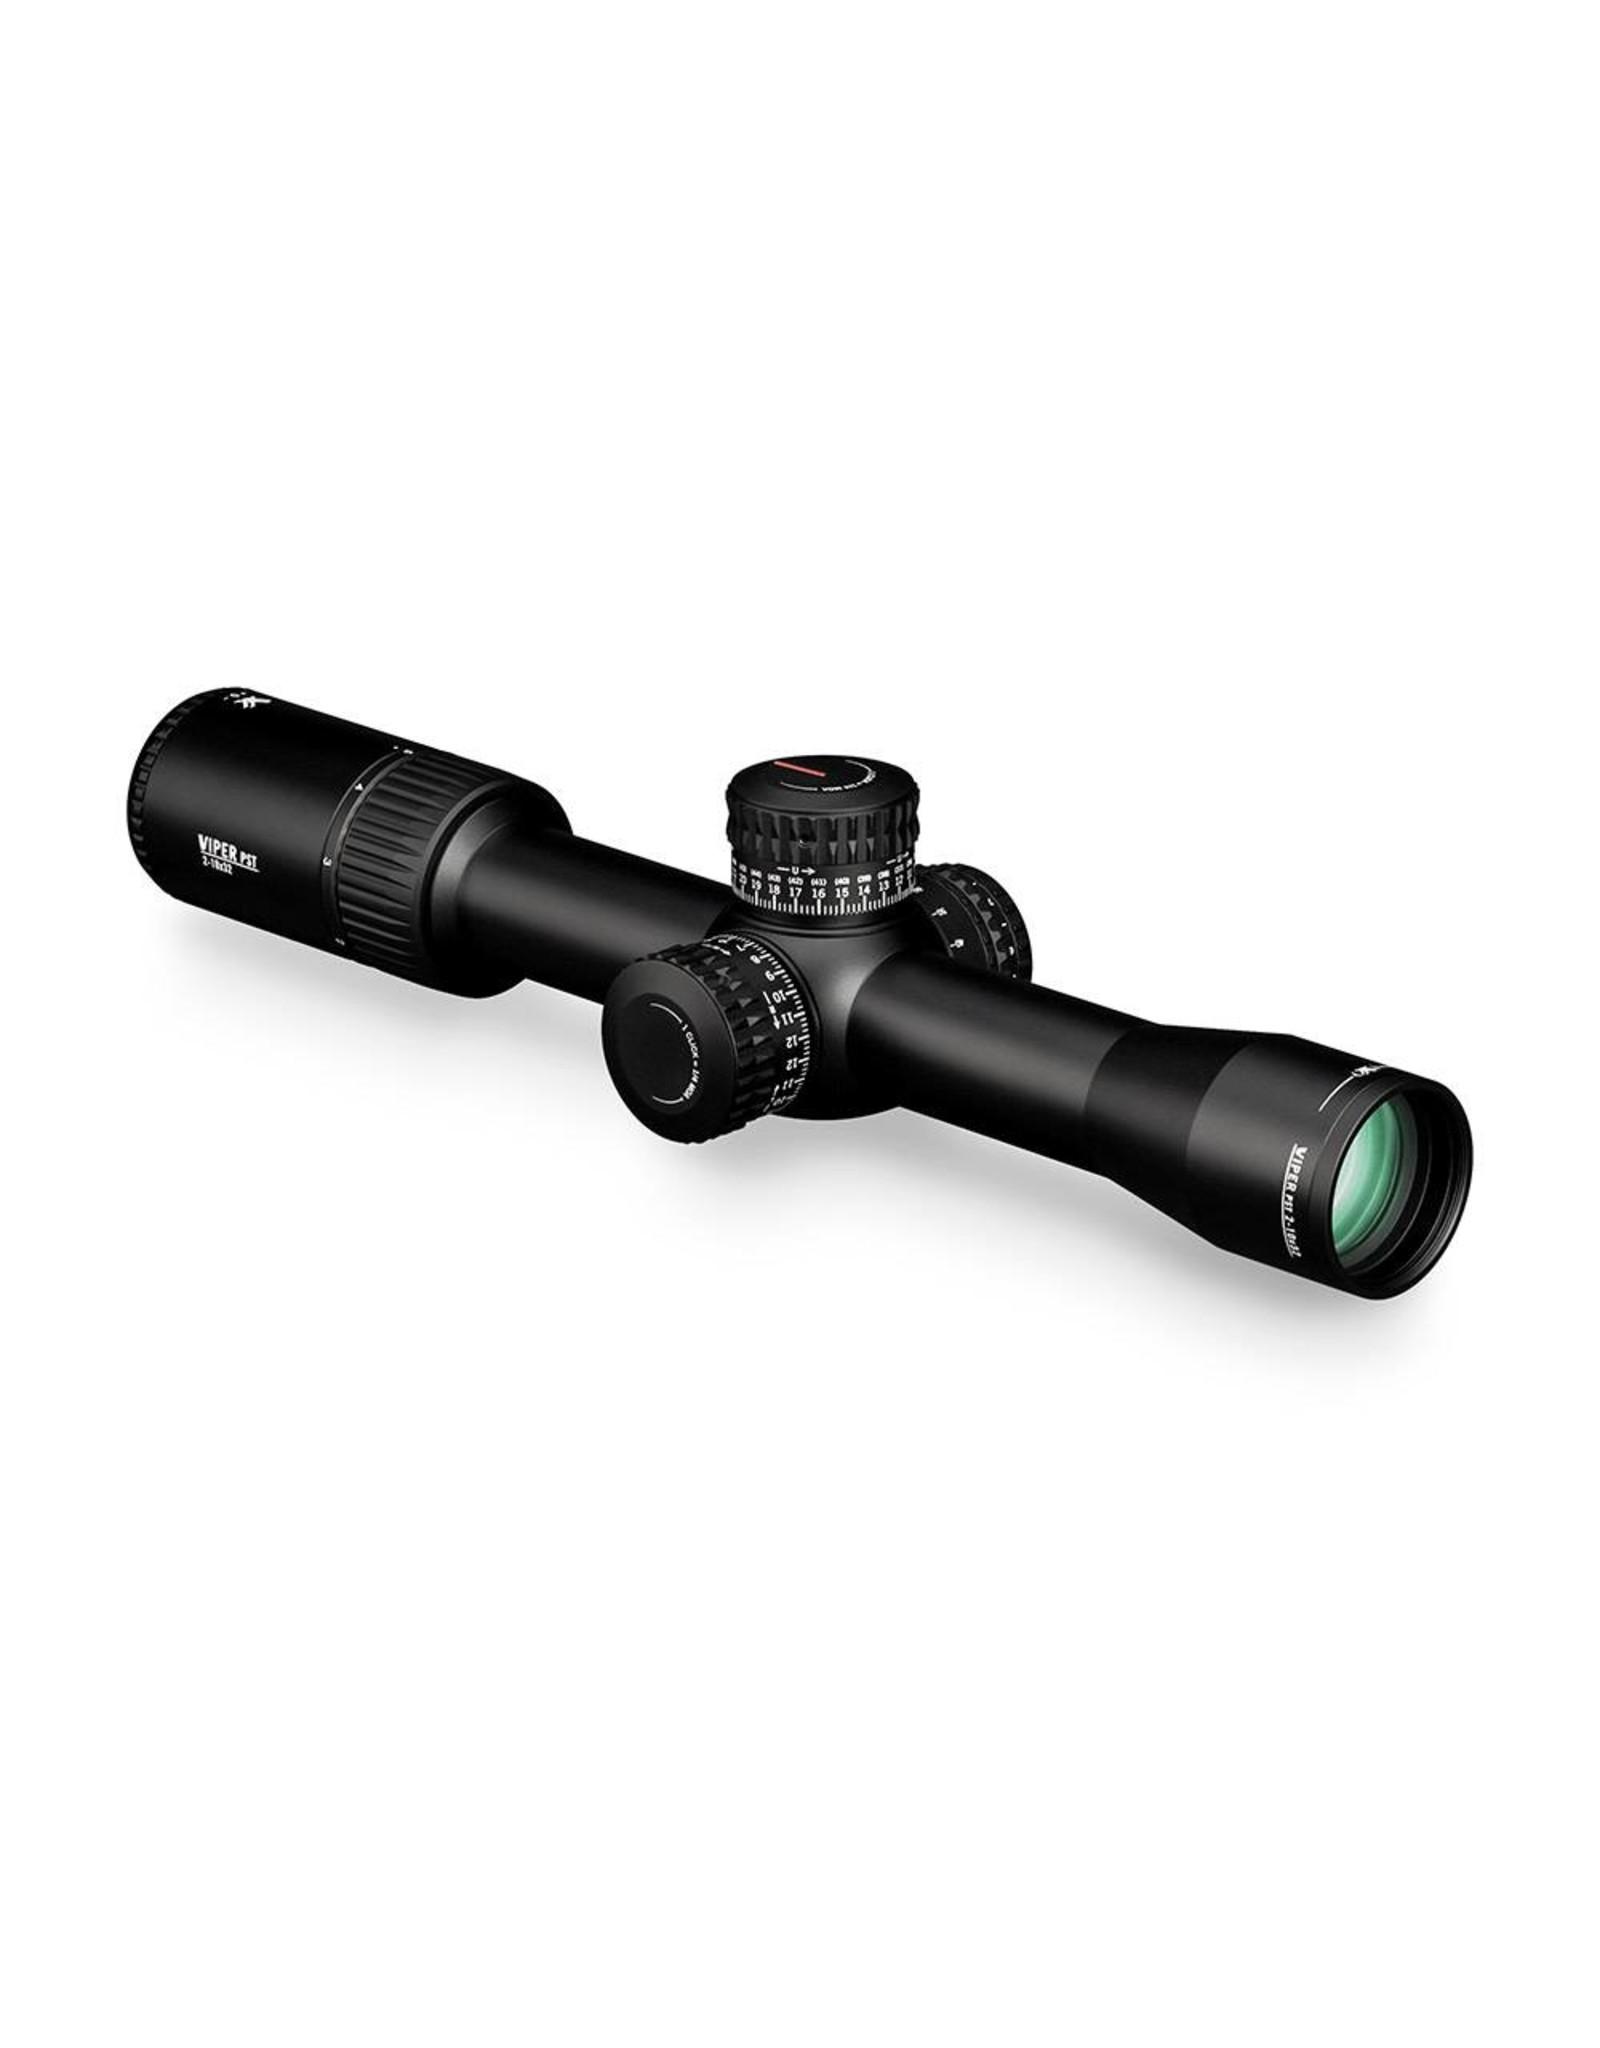 Vortex Vortex Viper PST 2-10x32 FFP Riflescope with EBR-4 MOA